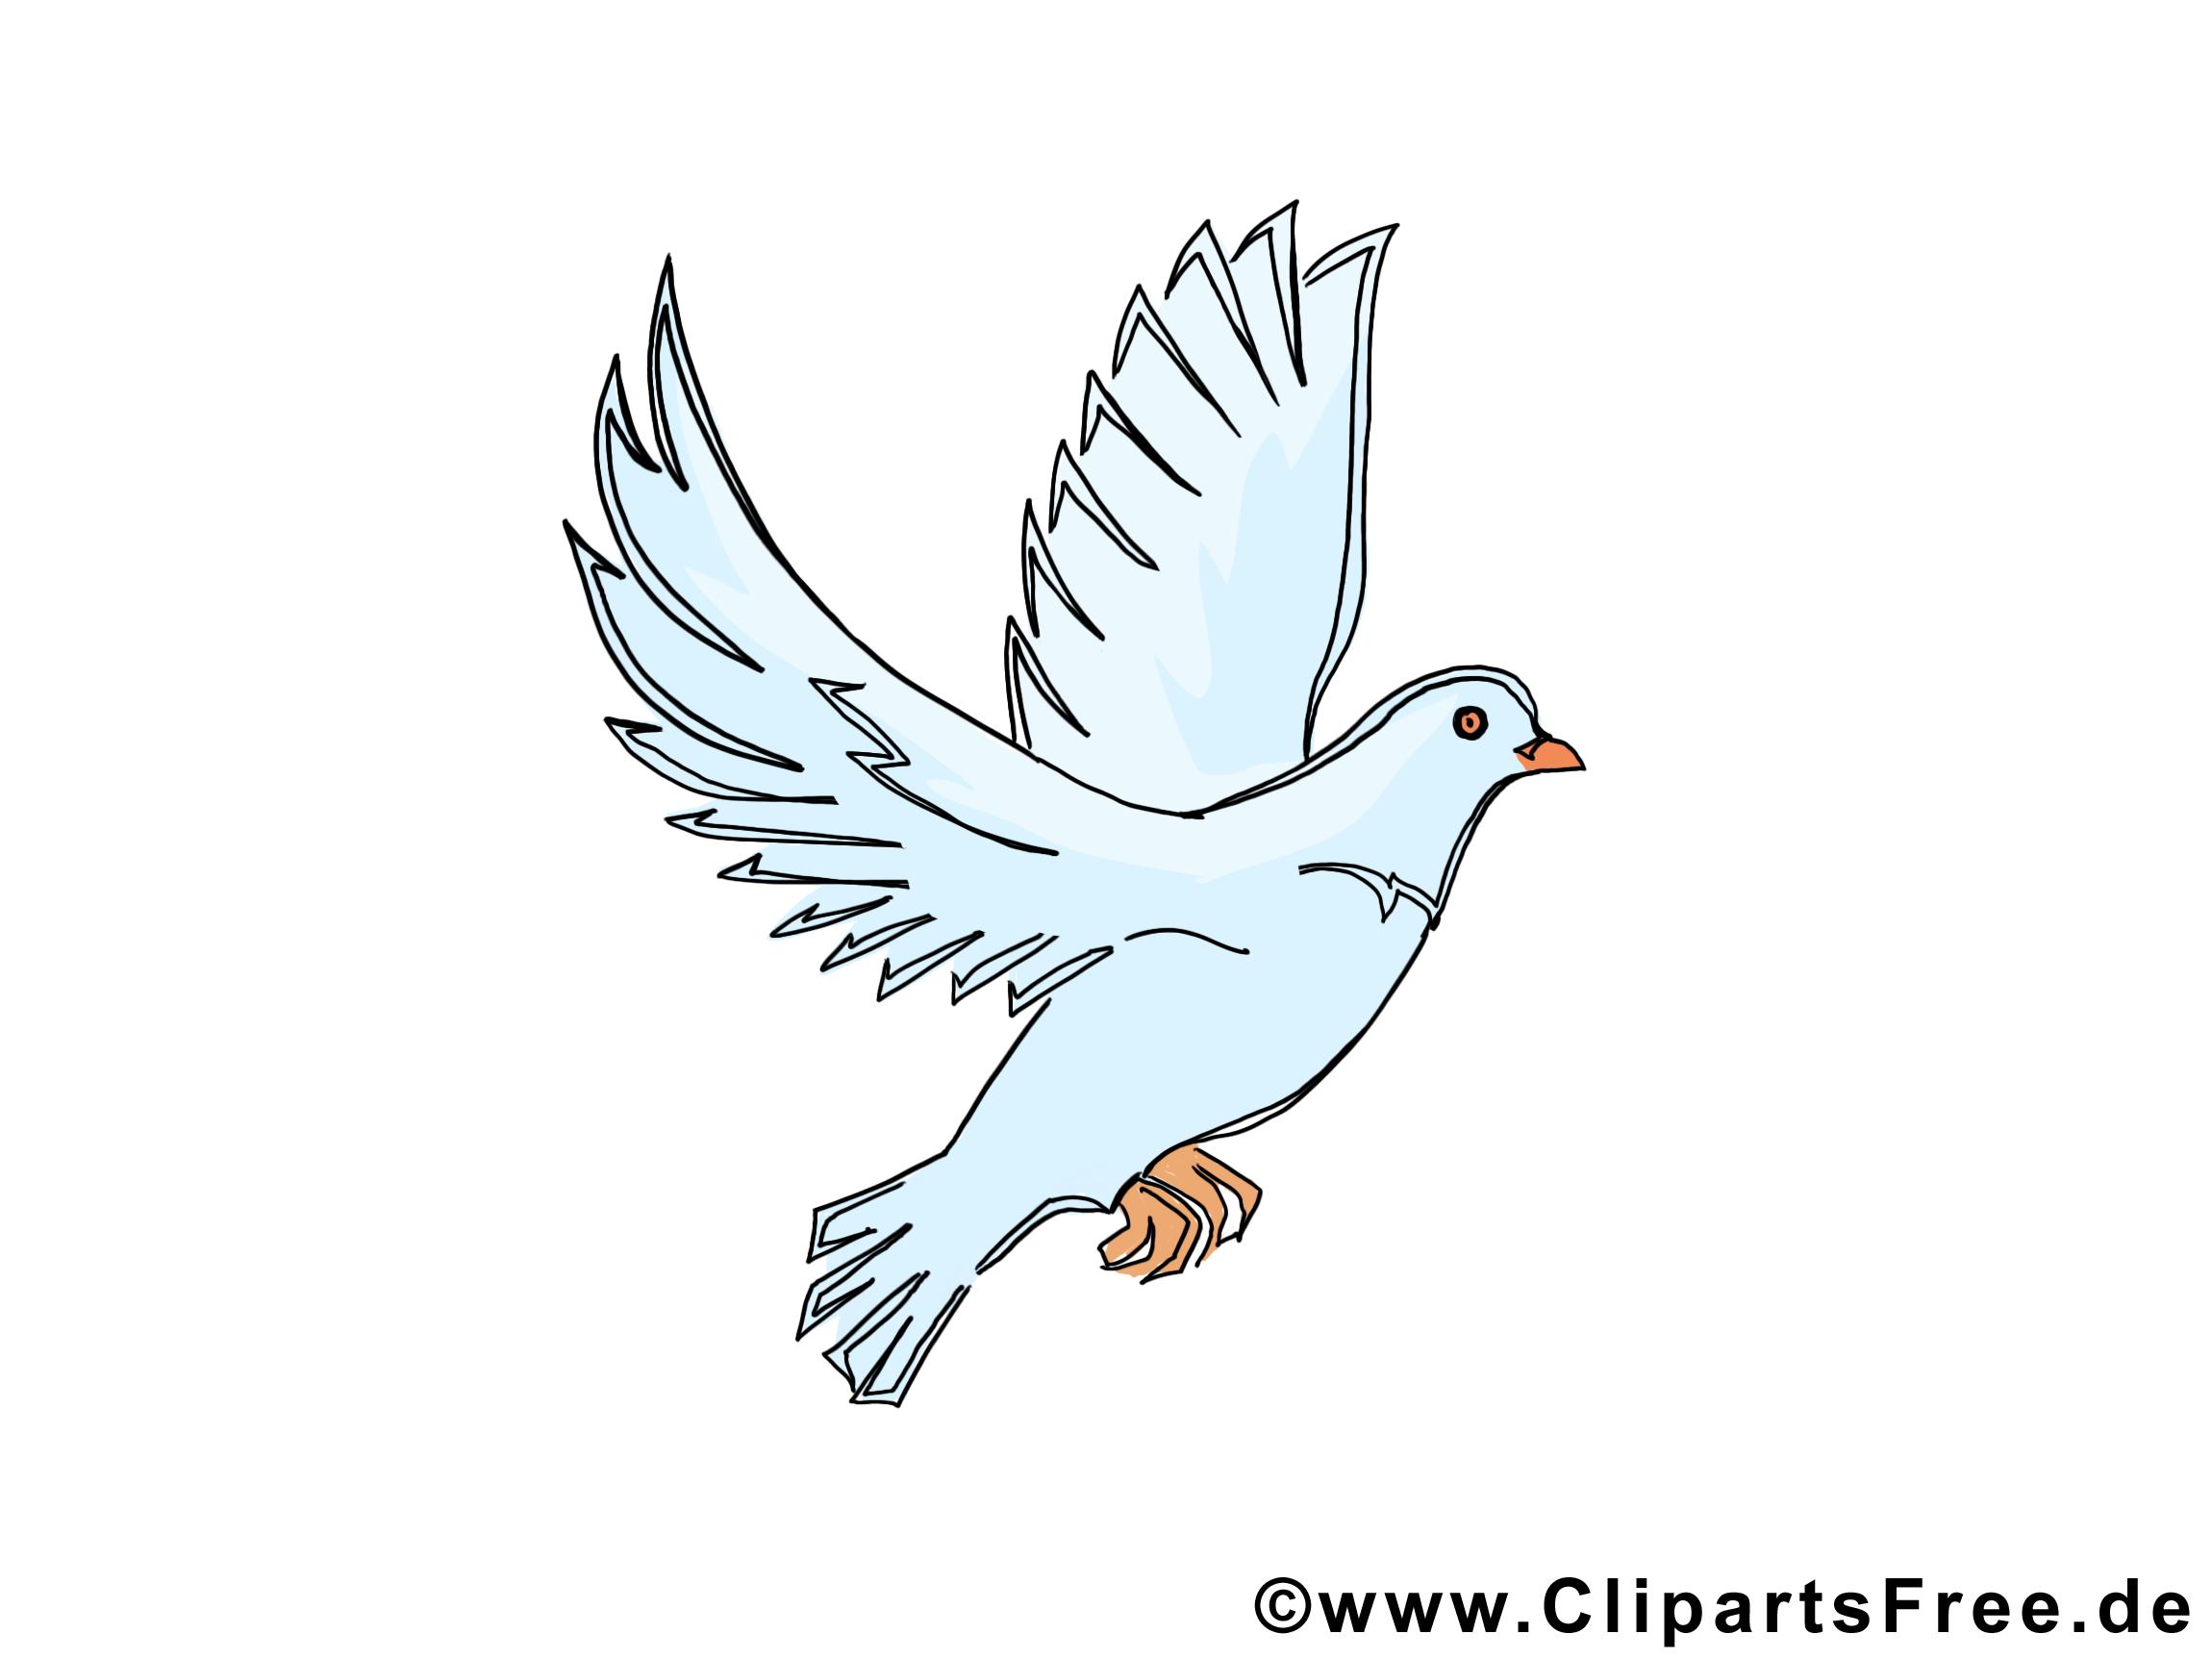 Pigeon Dessins Gratuits Pentecôte Clipart Gratuit Pentecôte